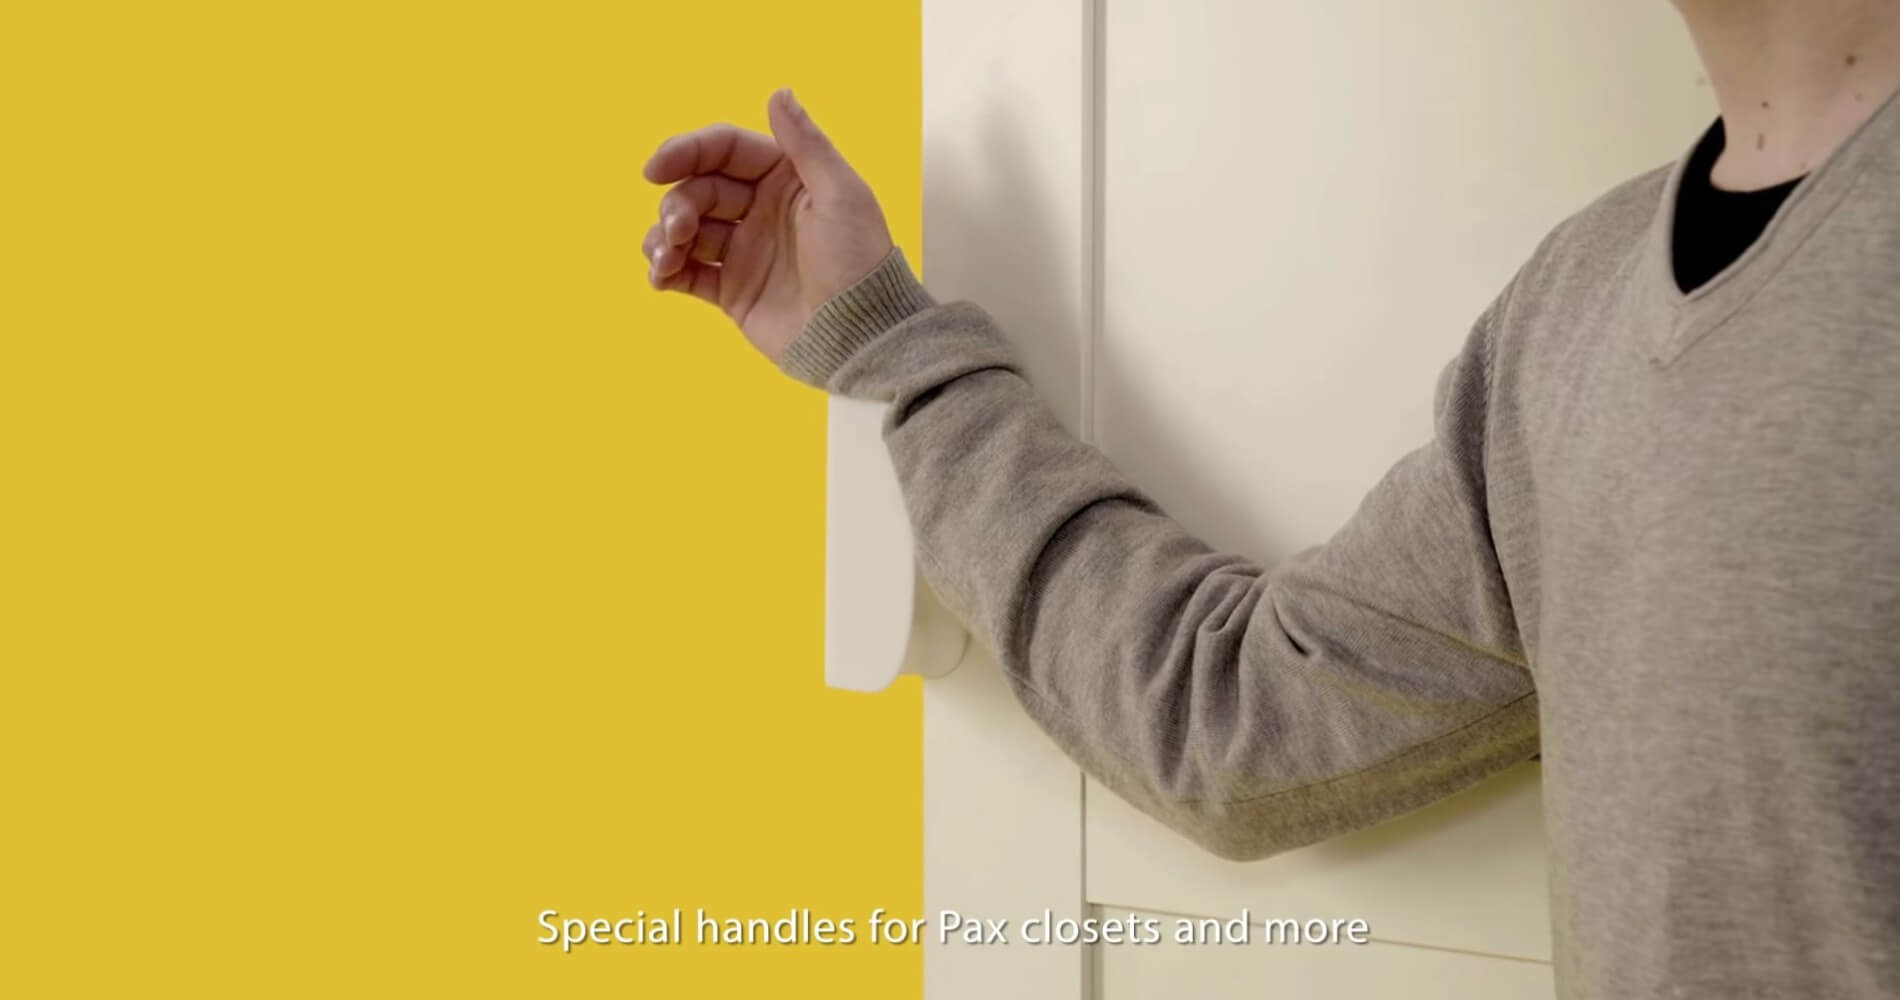 IKEA Türerweiterung für Menschen mit Behinderung